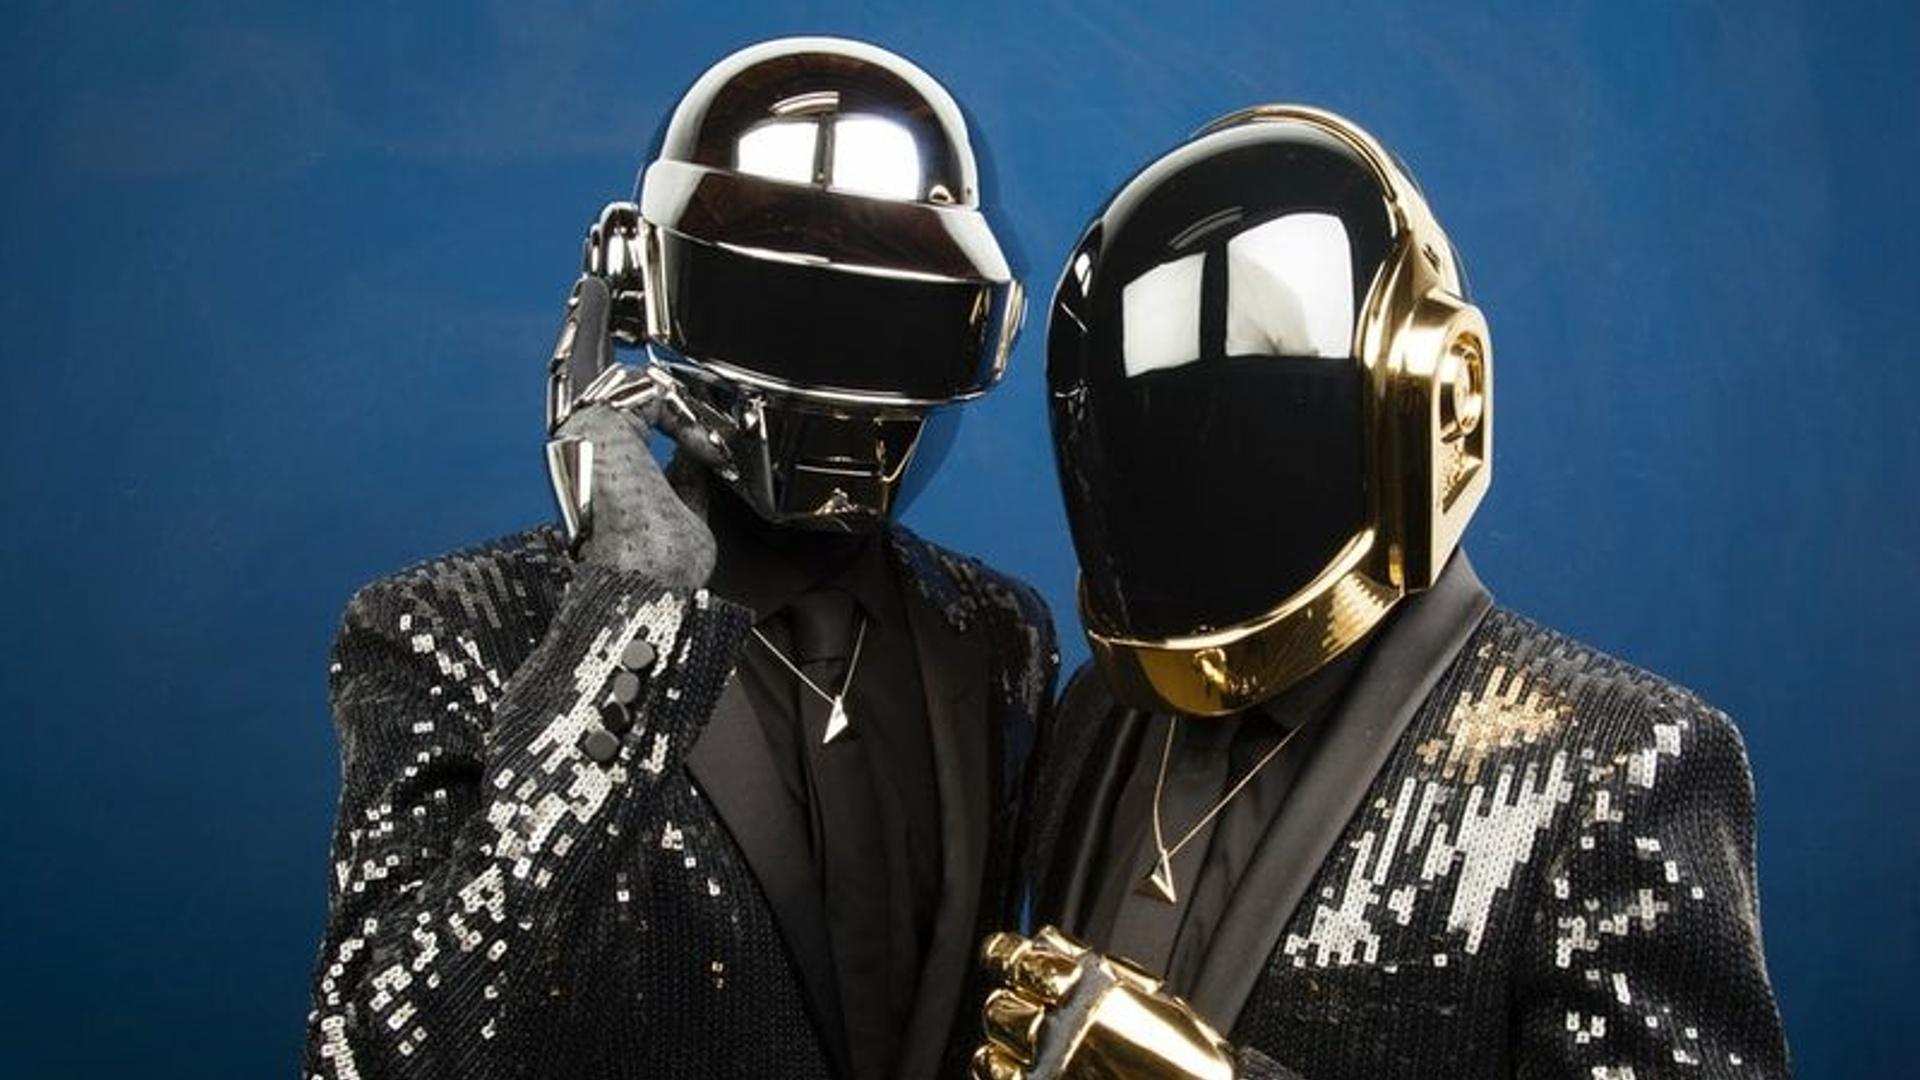 Нейросеть создала очень необычный клип на песню Daft Punk